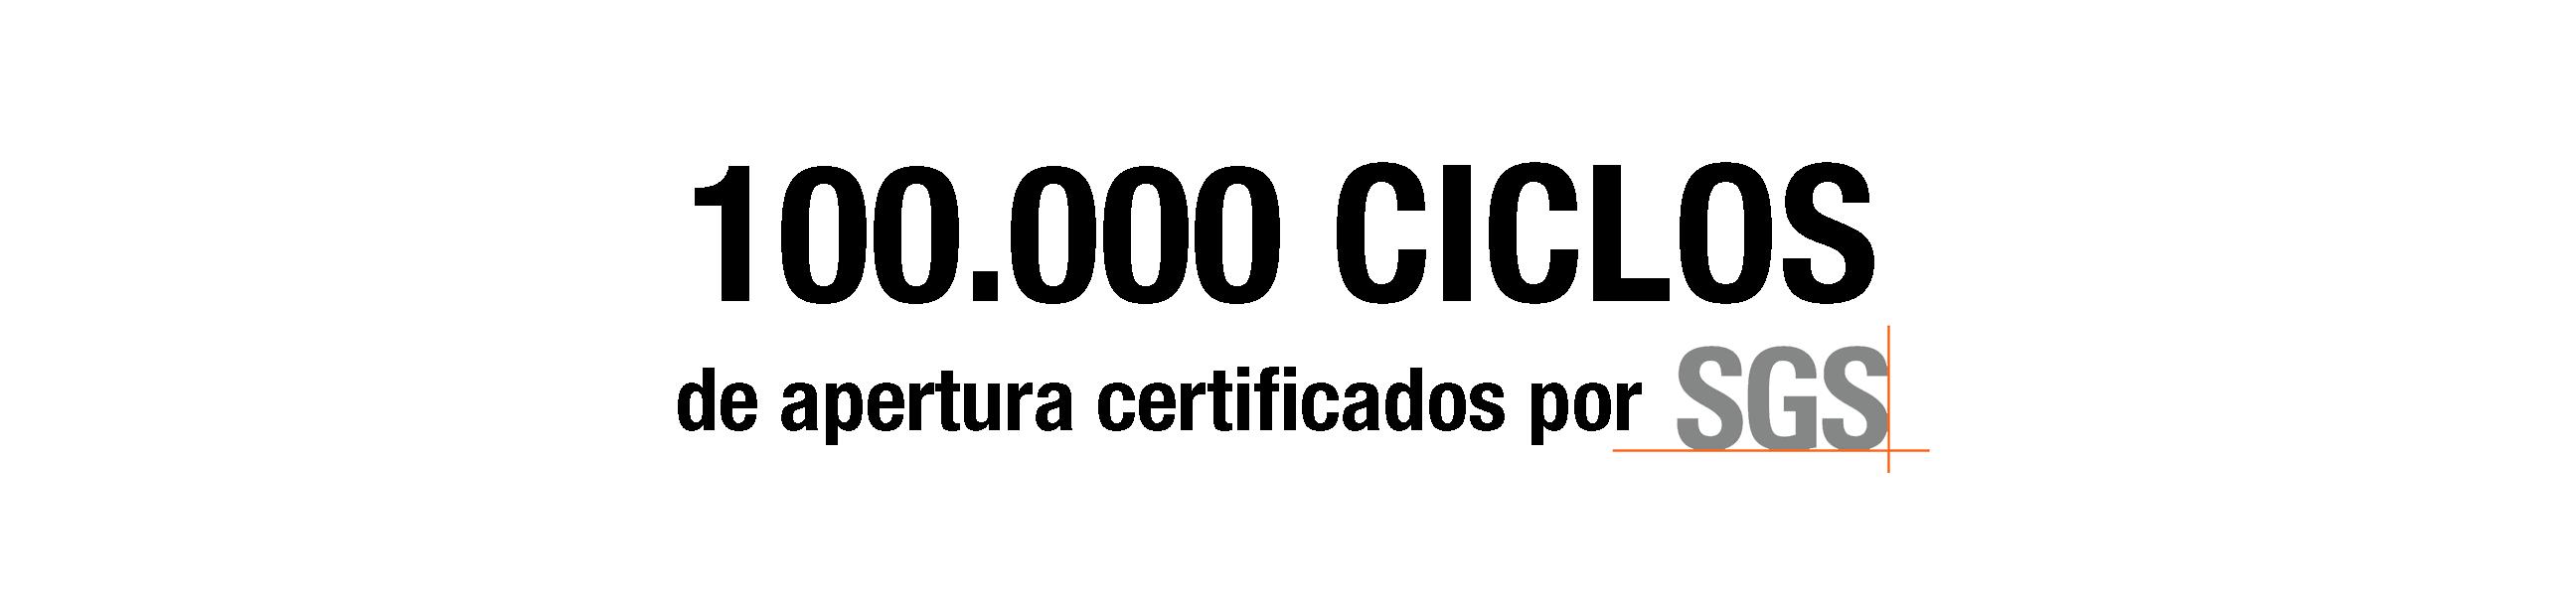 Advänced Certificacion